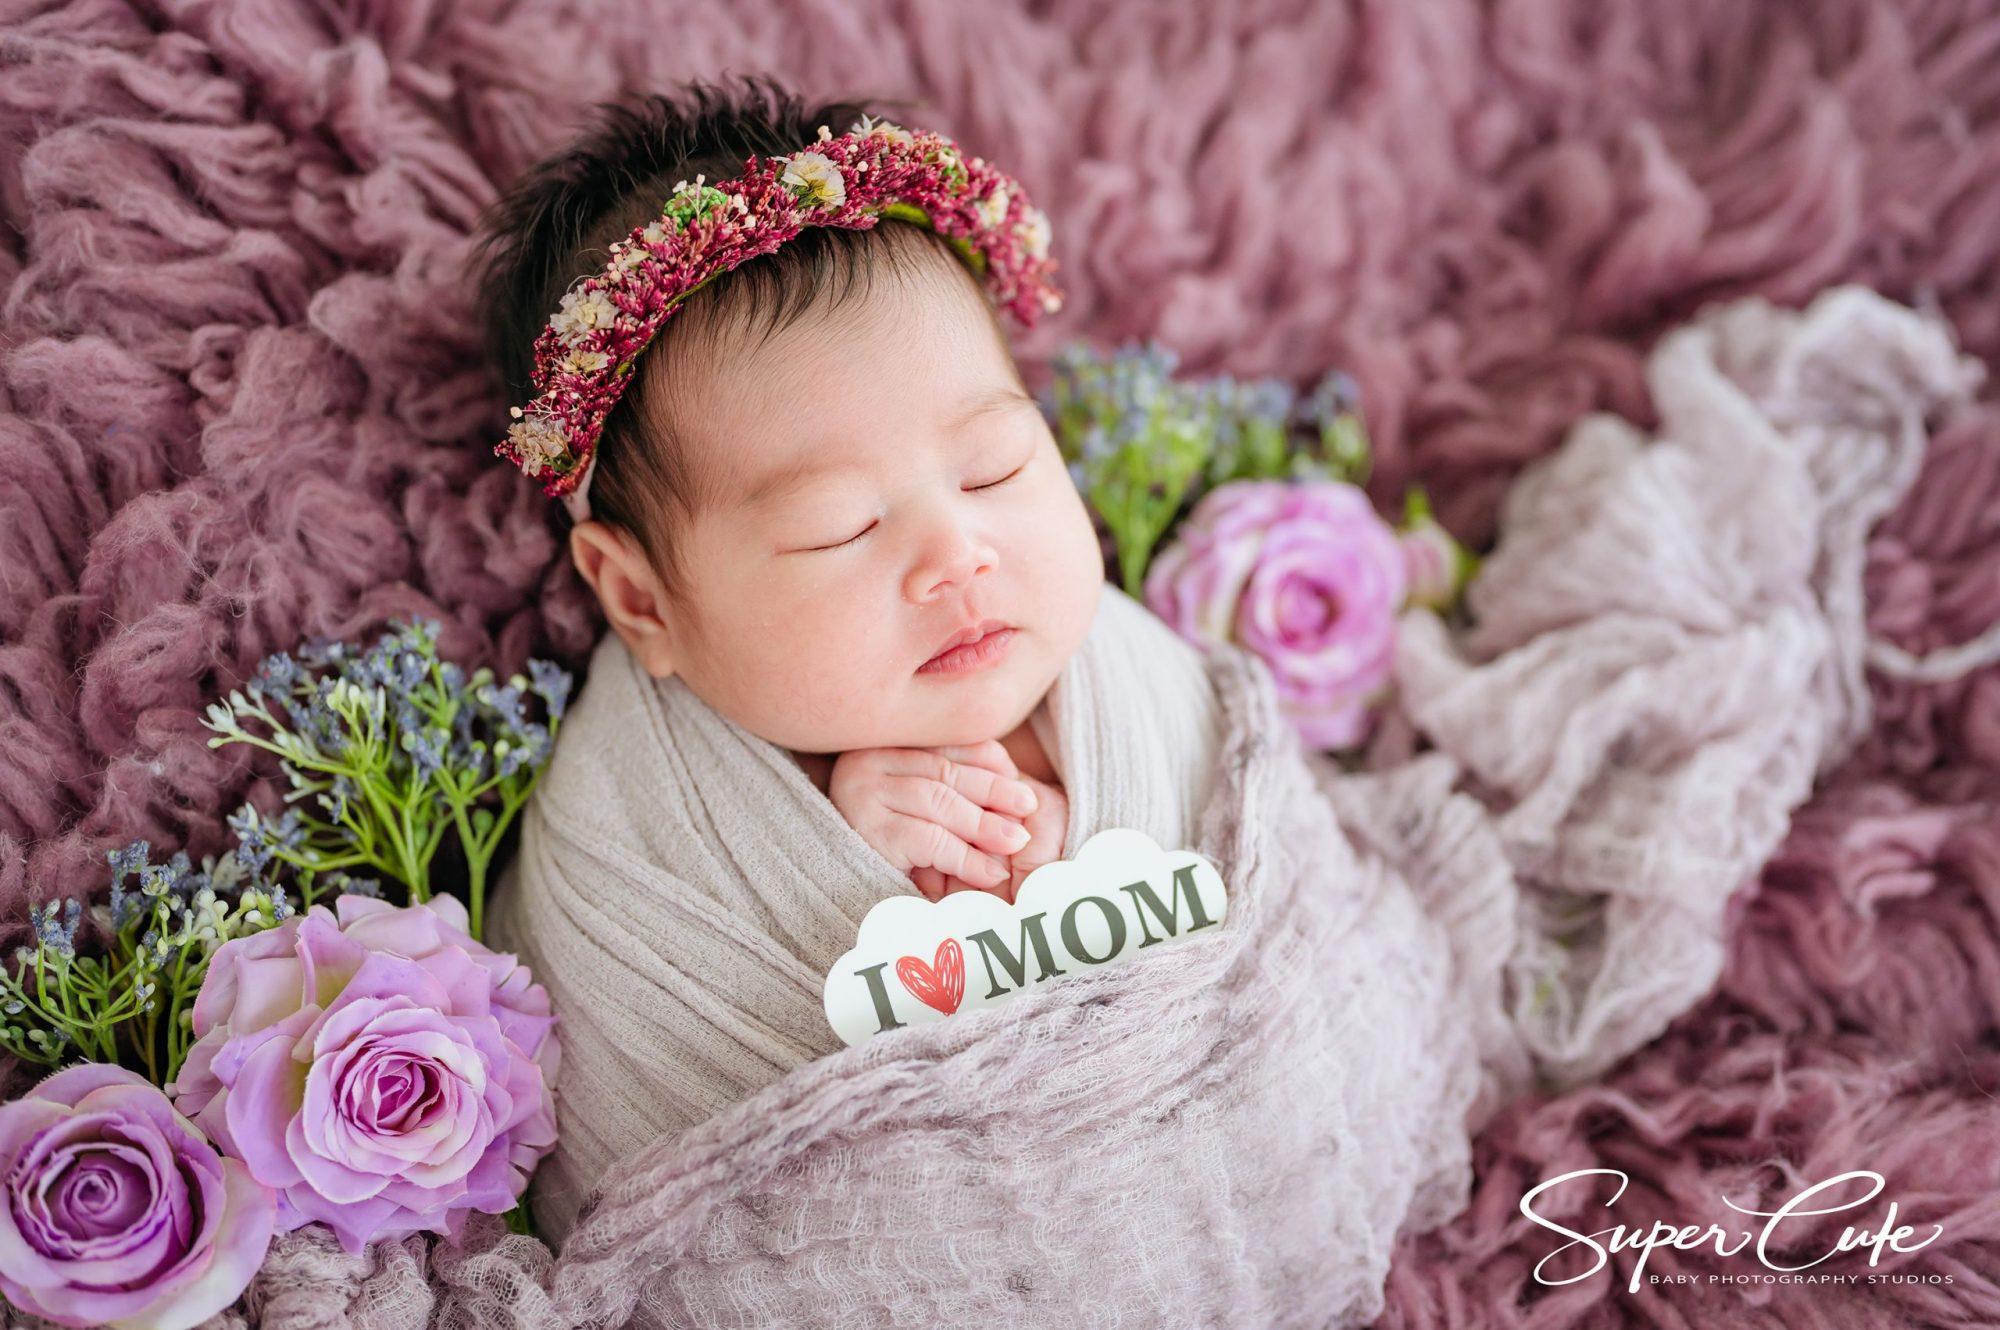 新生兒寫真,新生兒寫真到府,新生兒寫真桃園,新生兒寫真diy,新生兒寫真價格,新生兒寫真價格ptt,台北新生兒寫真,新生兒攝影,supercute